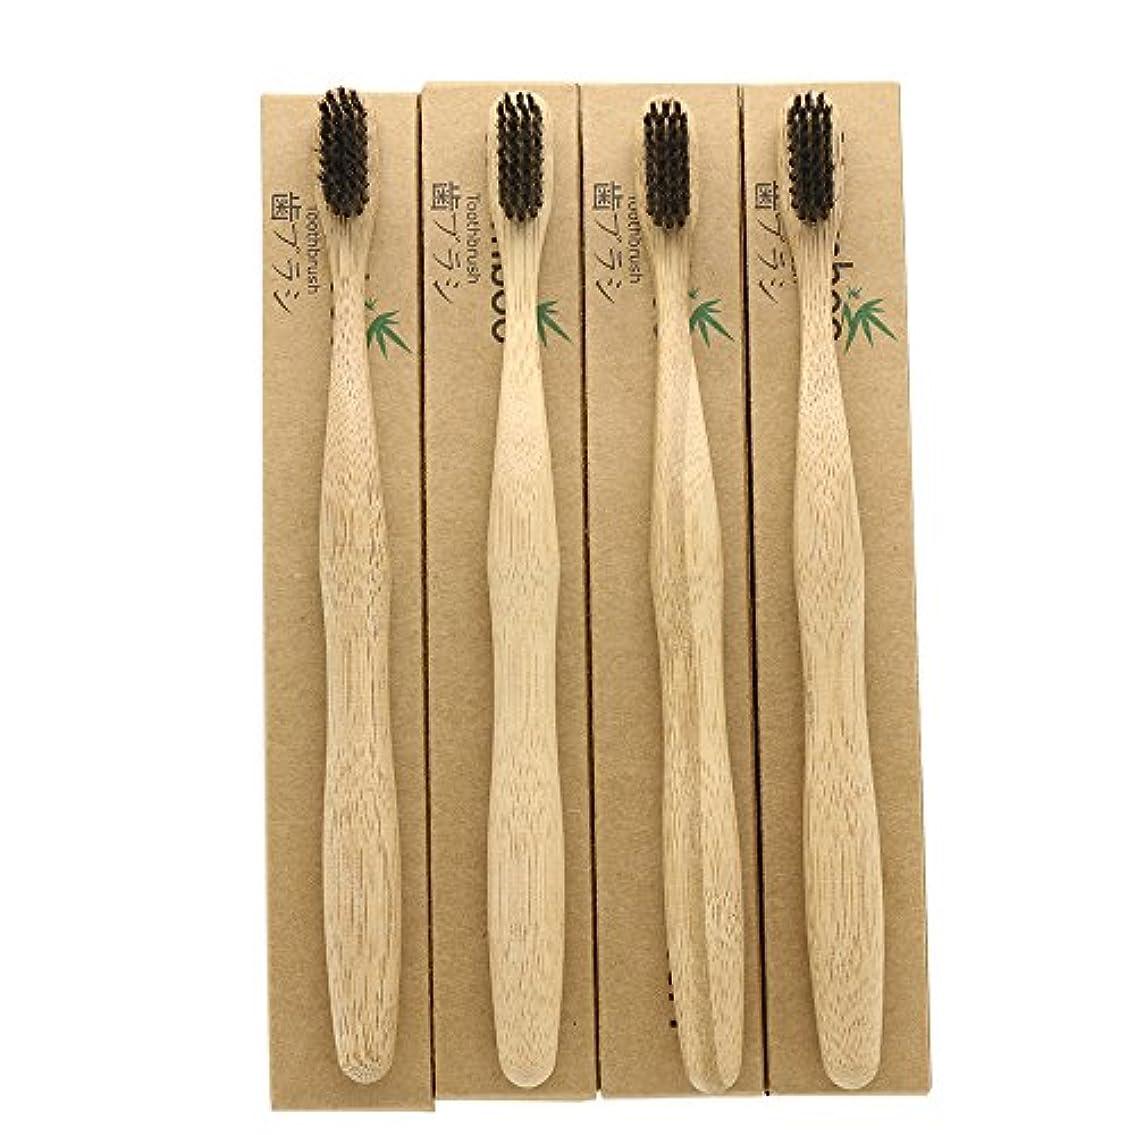 お世話になった体系的にパンフレットN-amboo 竹製耐久度高い 歯ブラシ  黒い ハンドル大きい  4本入りセット